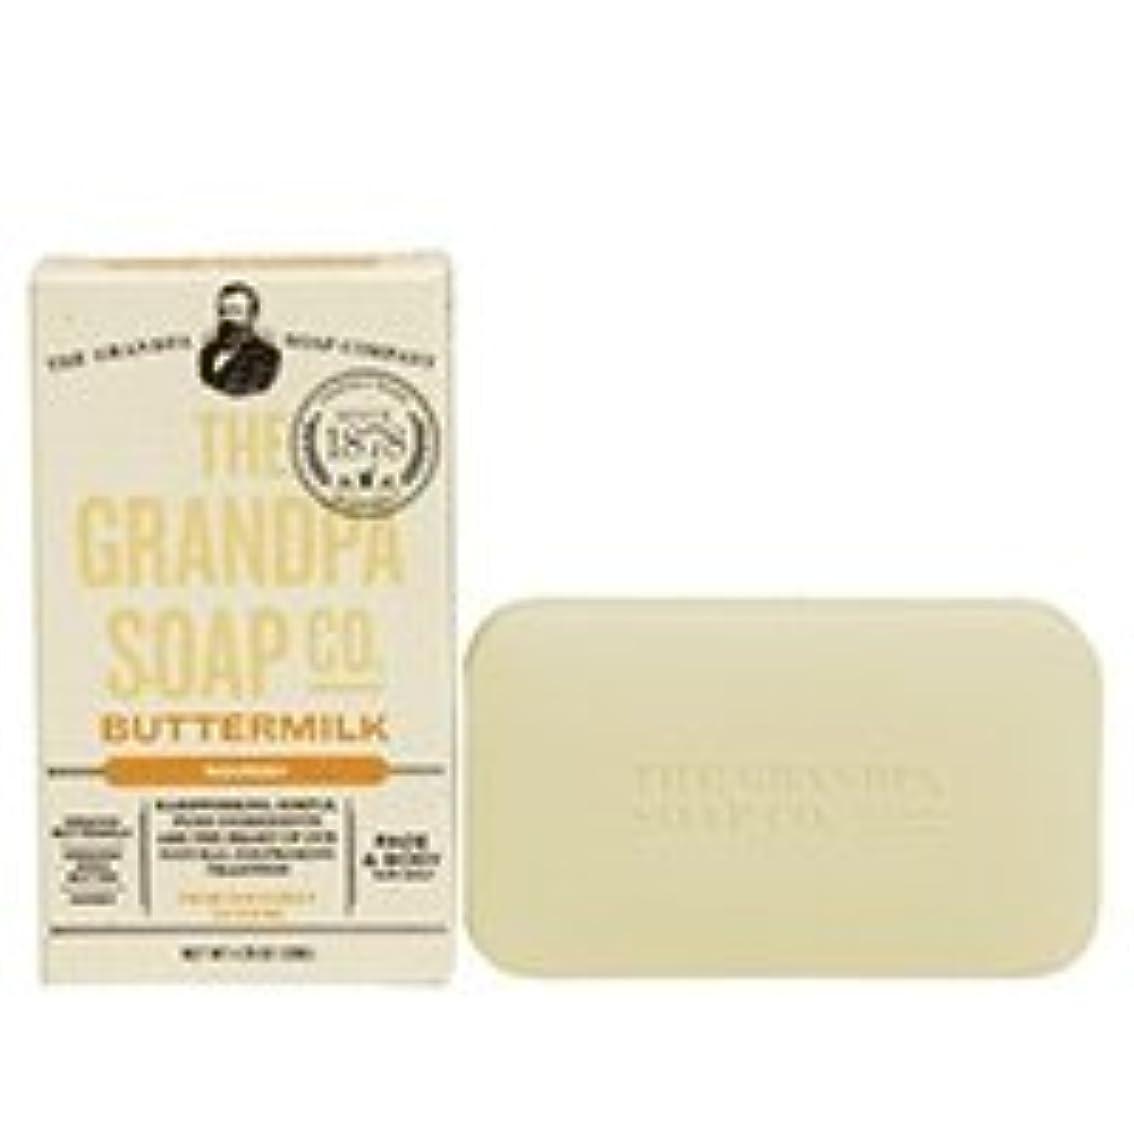 フェード雇用者引き受けるグランパ バターミルクナリッシュソープ 3.25oz(約92g)3個